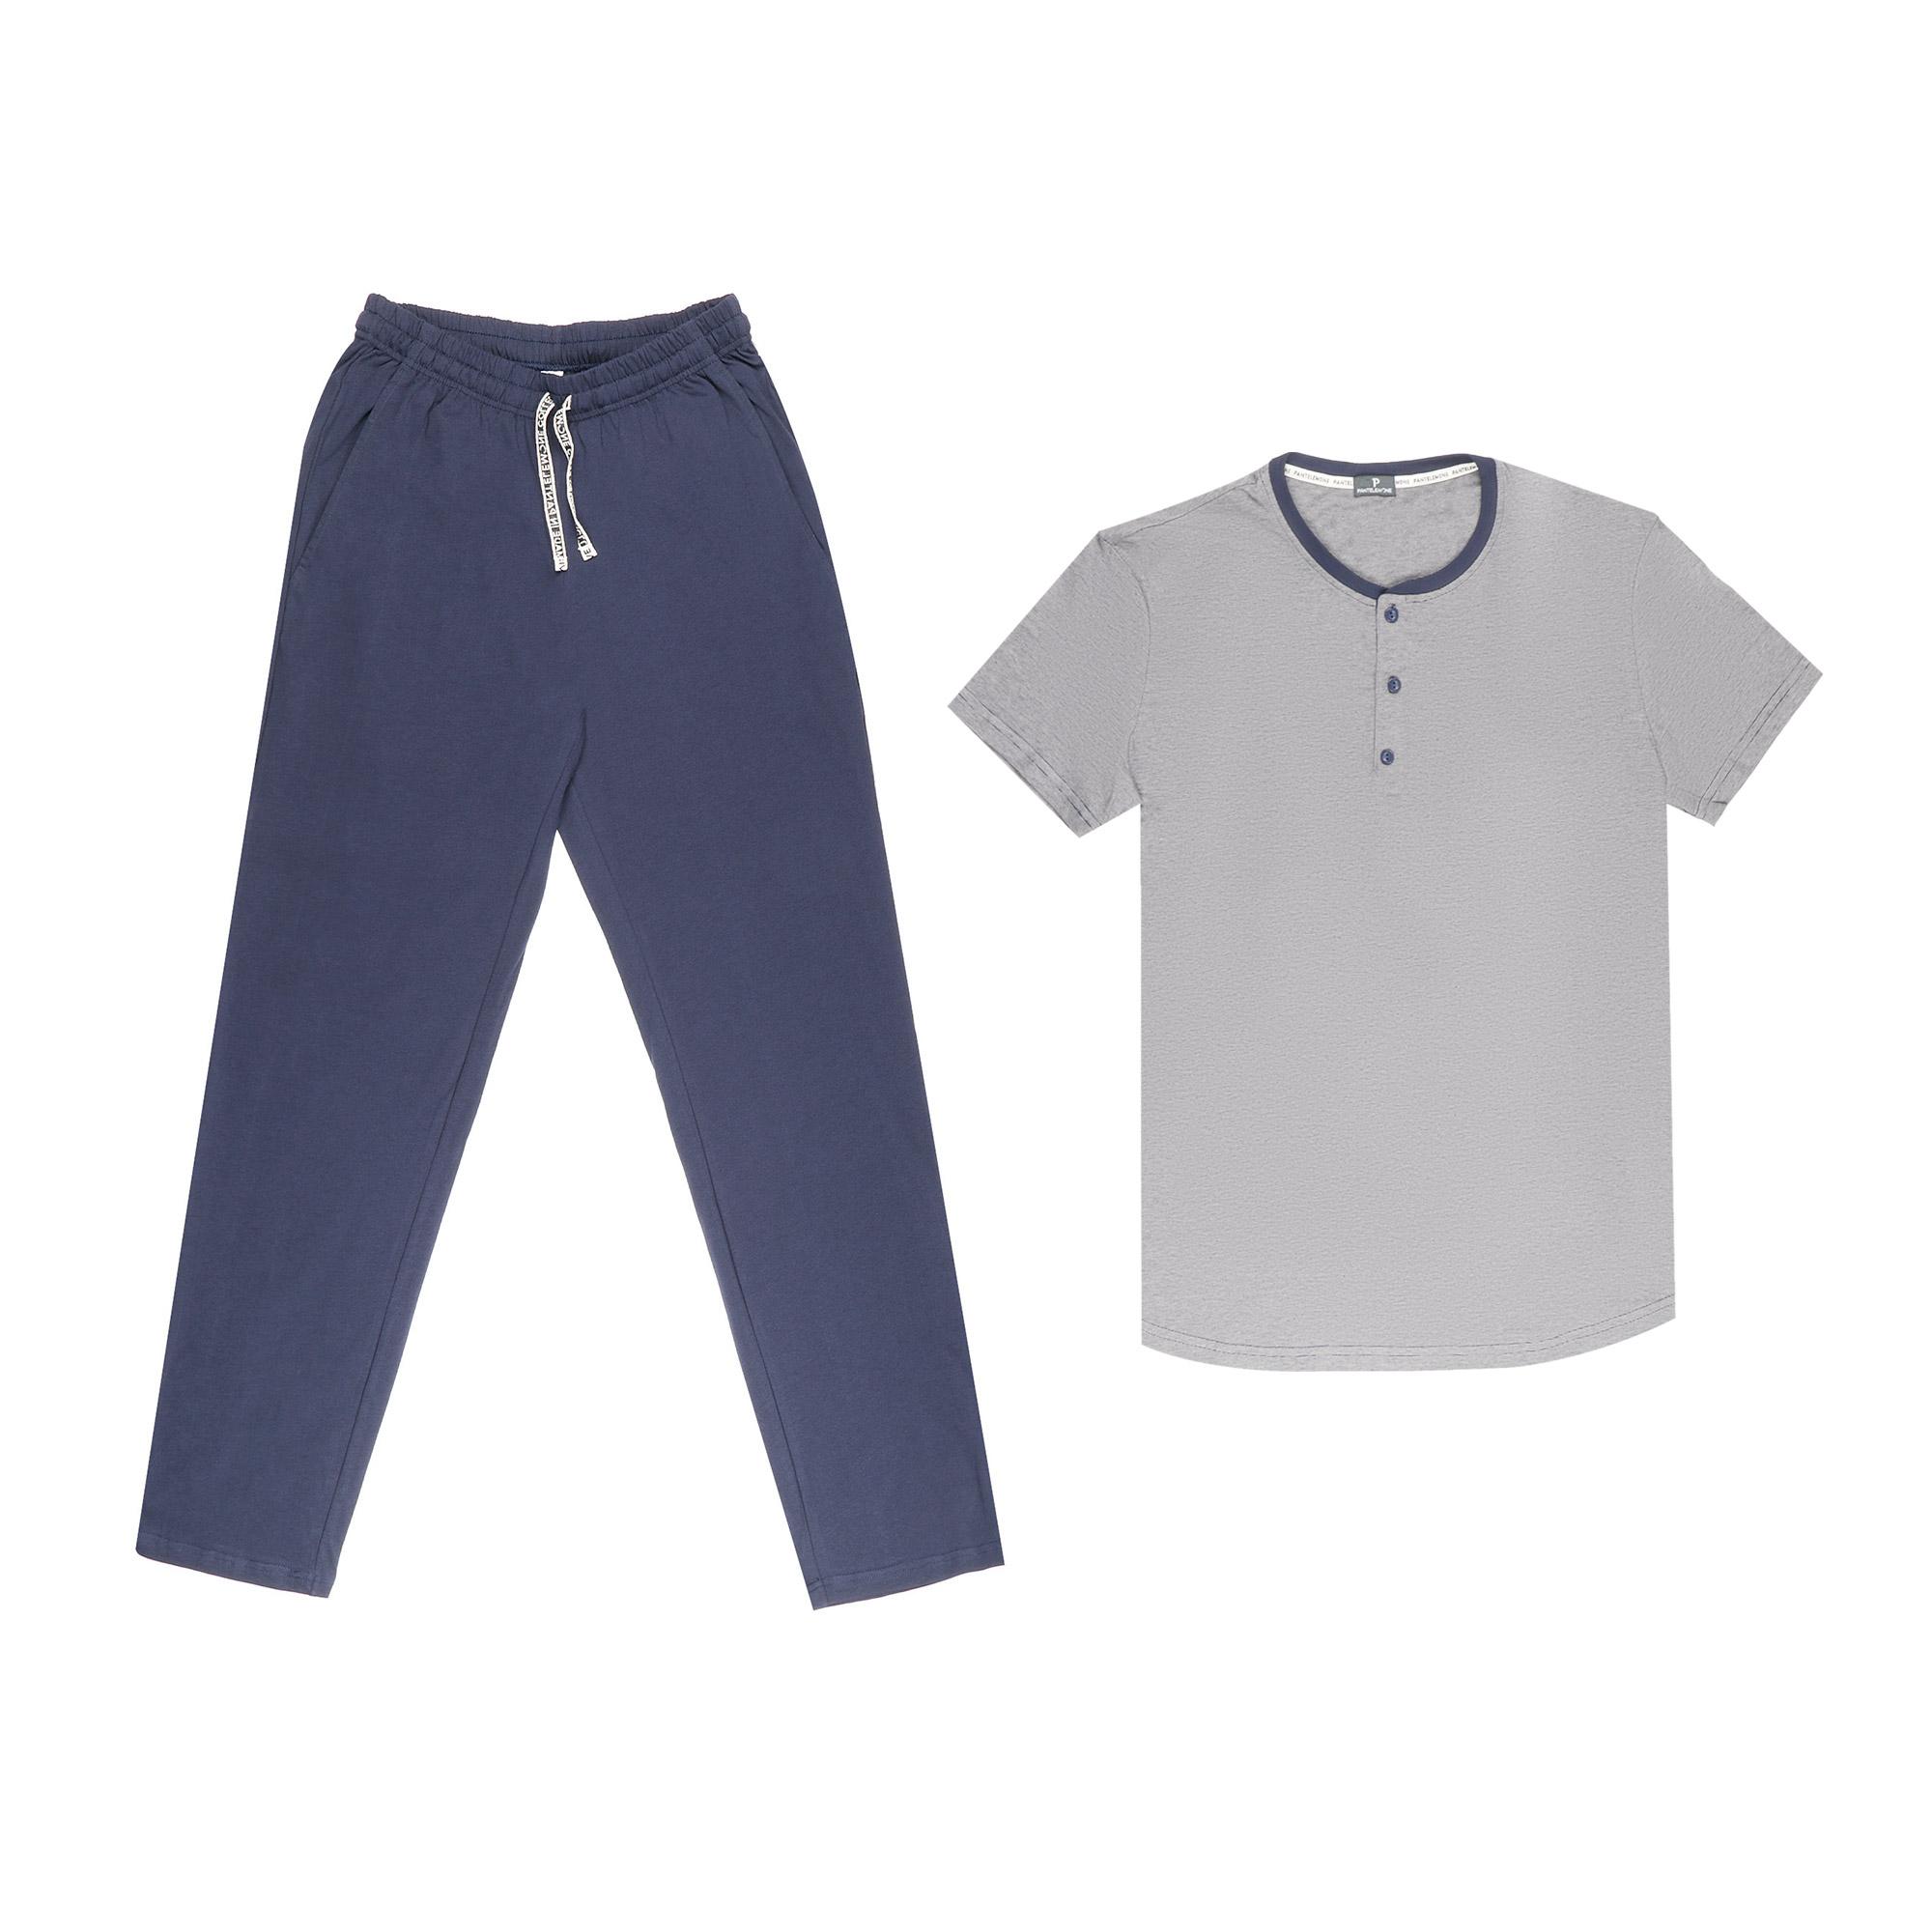 комплект домашний мужской vienetta s secret league капри футболка цвет сапфировый 711124 3286 размер 50 xl Домашний мужской комплект Pantelemone PDK-194 темно-синий 50